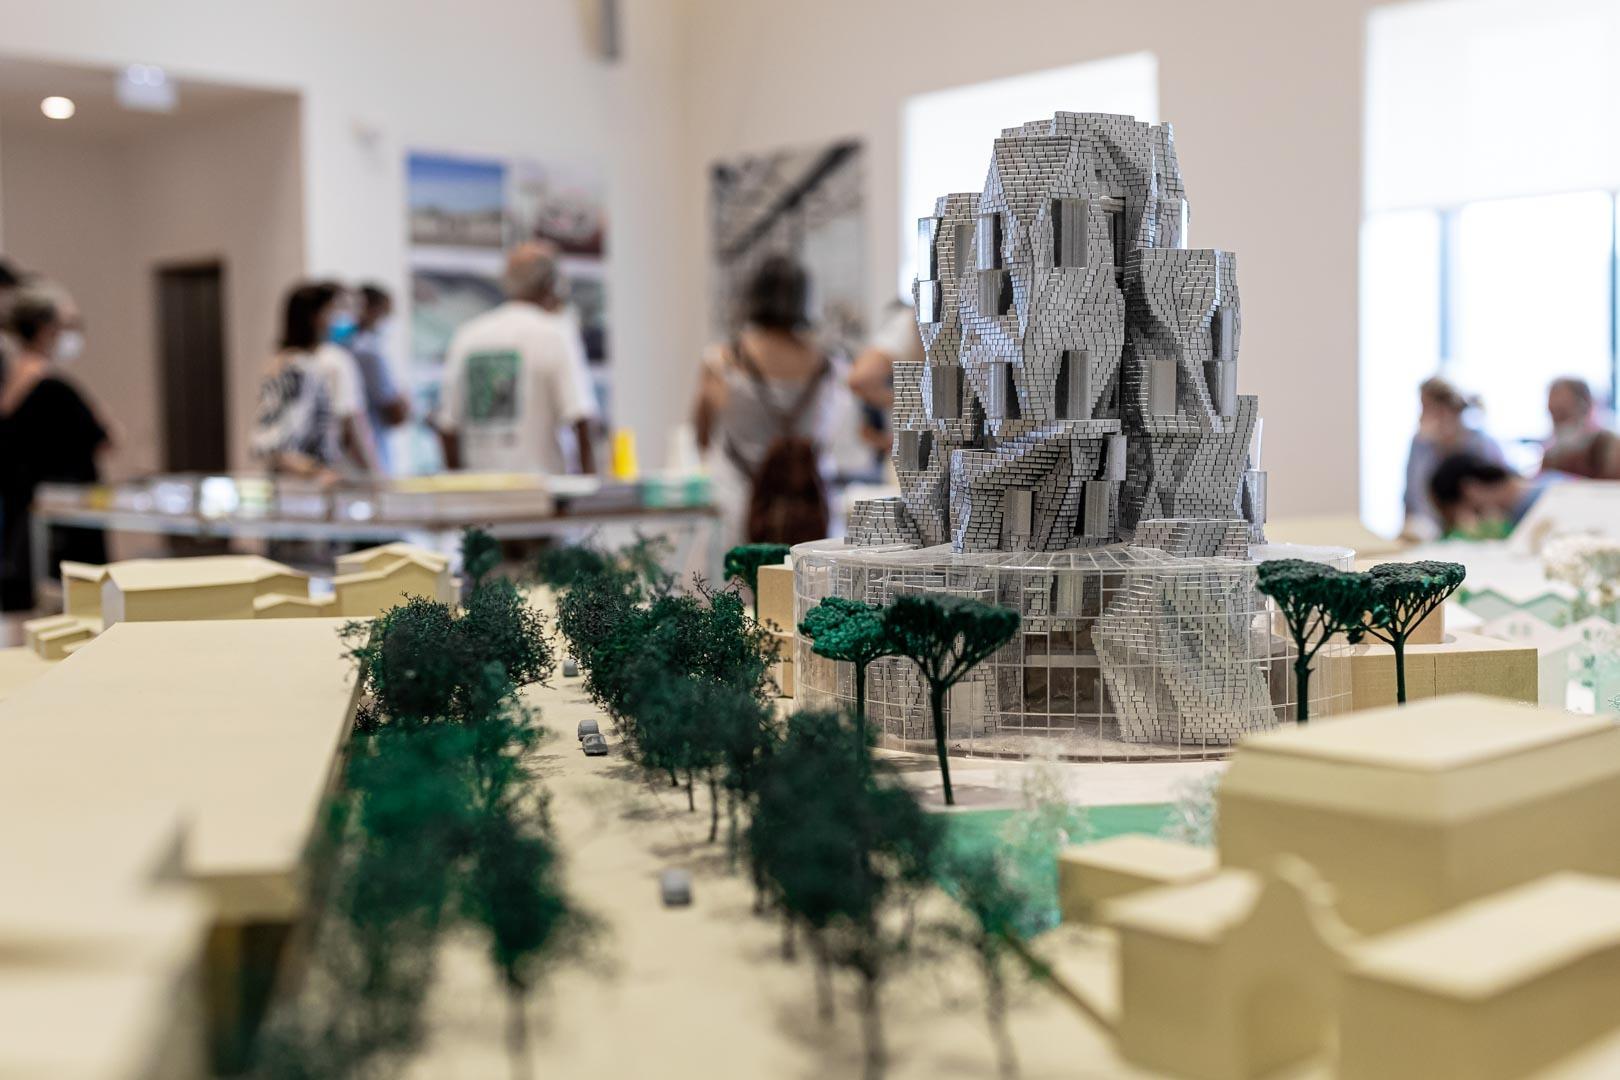 Venez découvrir l'histoire du Parc des Ateliers et le projet architectural et paysager porté par Luma Arles en suivant une visite commentée.